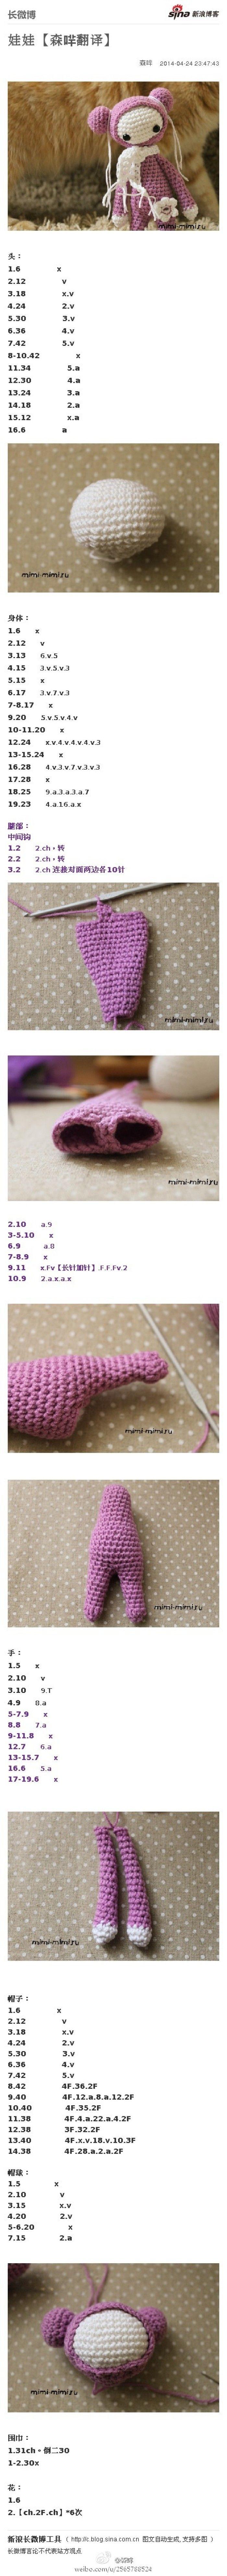 735 besten Häkeln - Amigurumi Bilder auf Pinterest | Häkeln ...